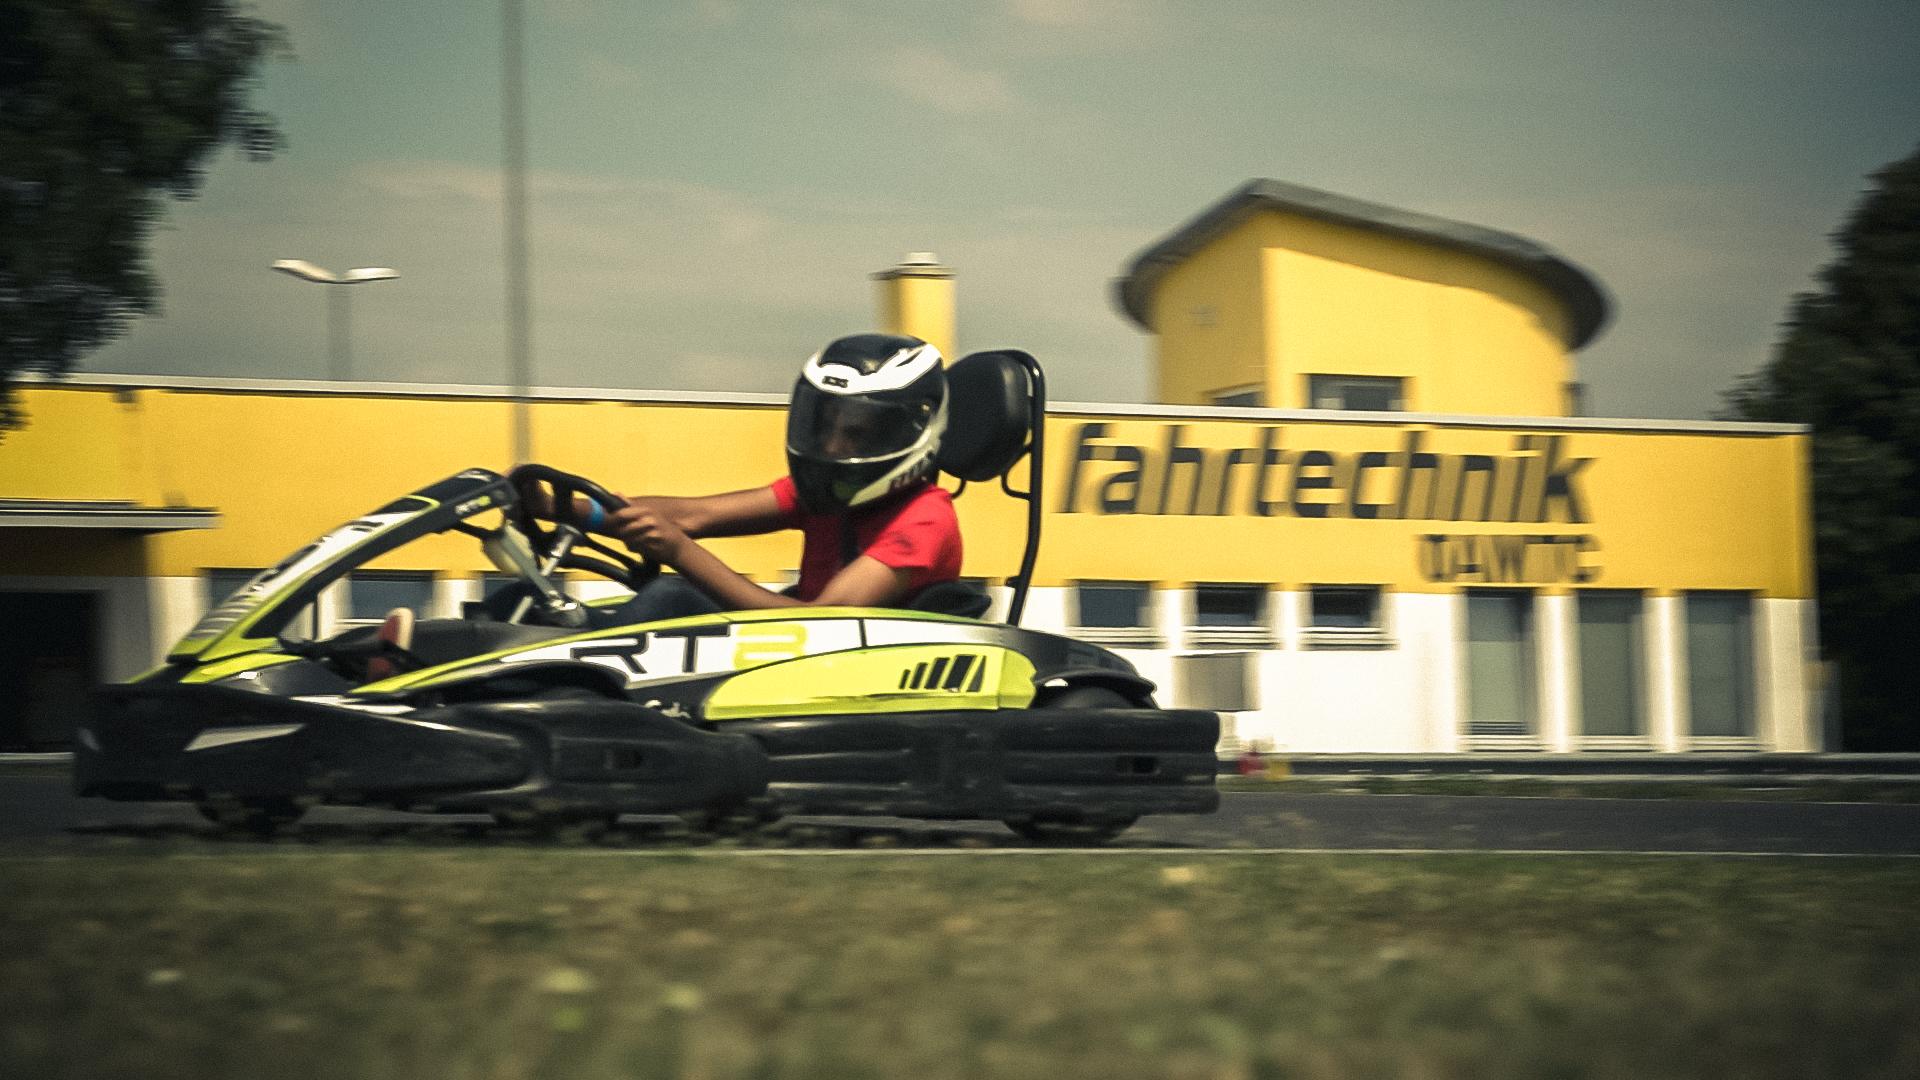 RacingRookie_2018_04_Teesdorf_Teil2_AUTrenalinMEDIA-06.jpg